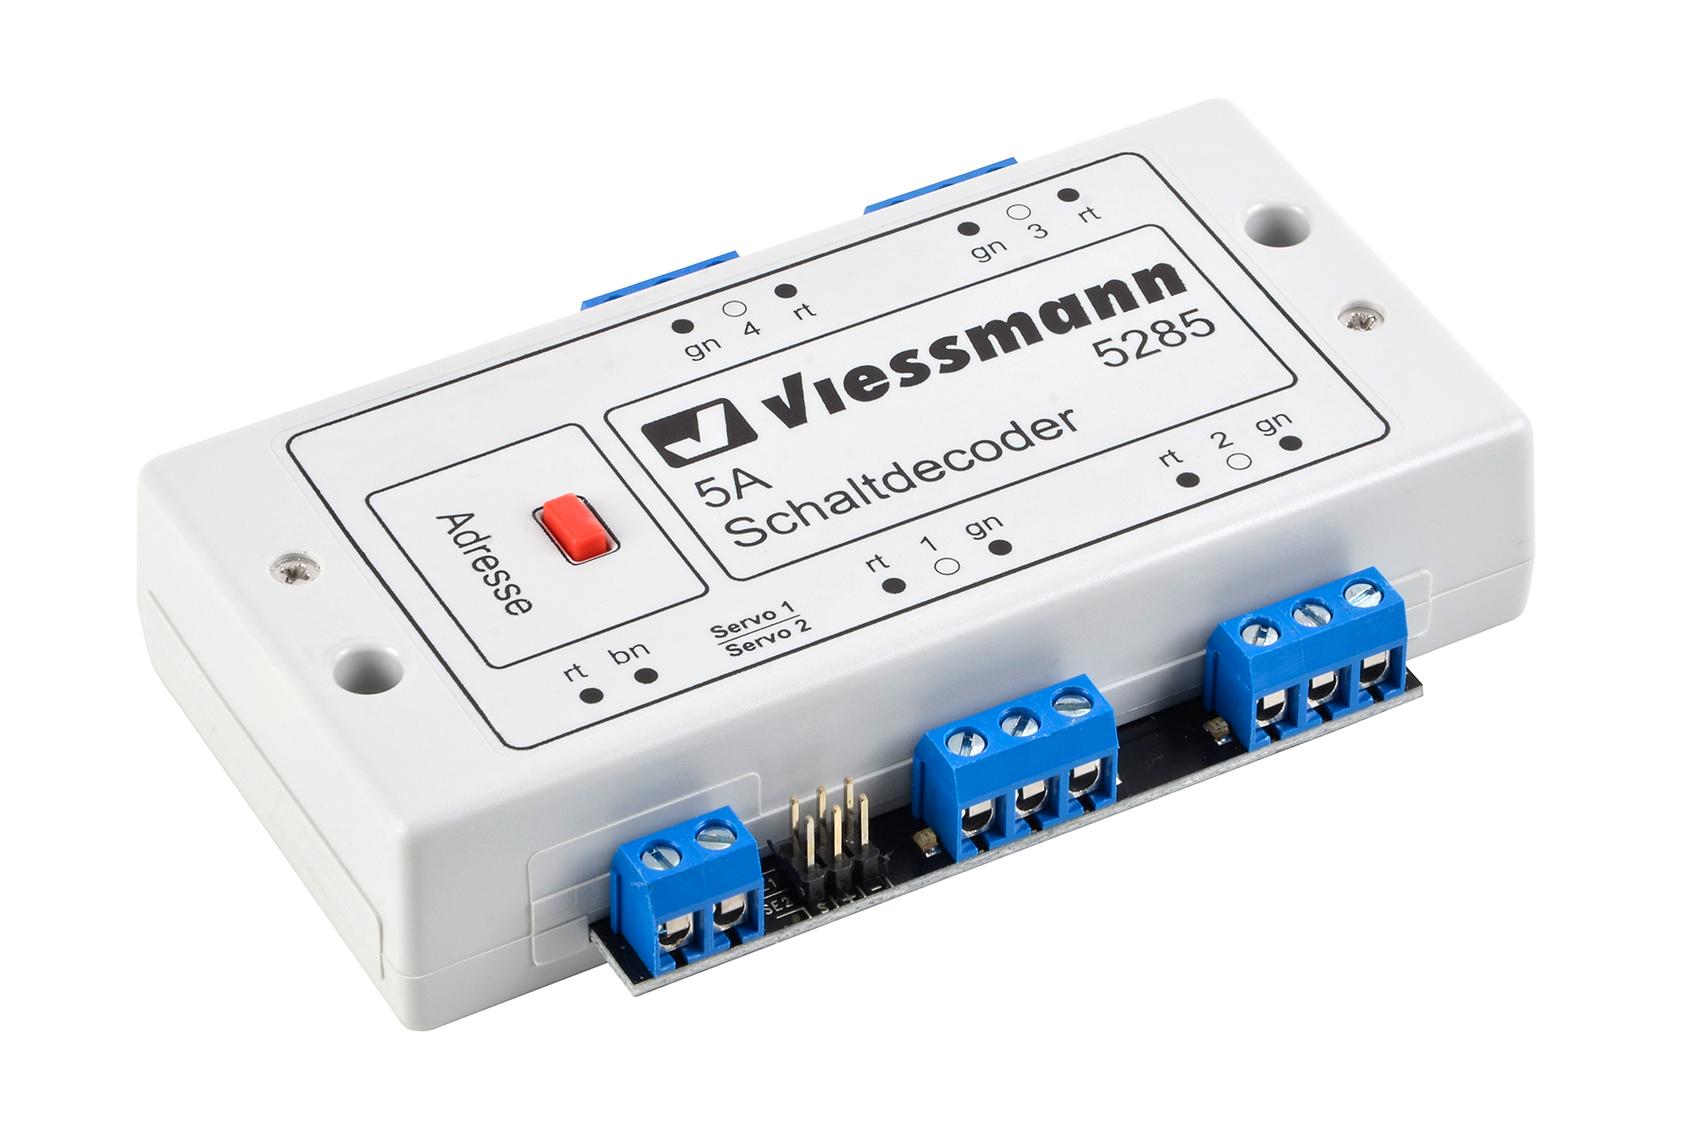 Viessmann 5285 <br/>Multiprotokoll-Schaltdecoder